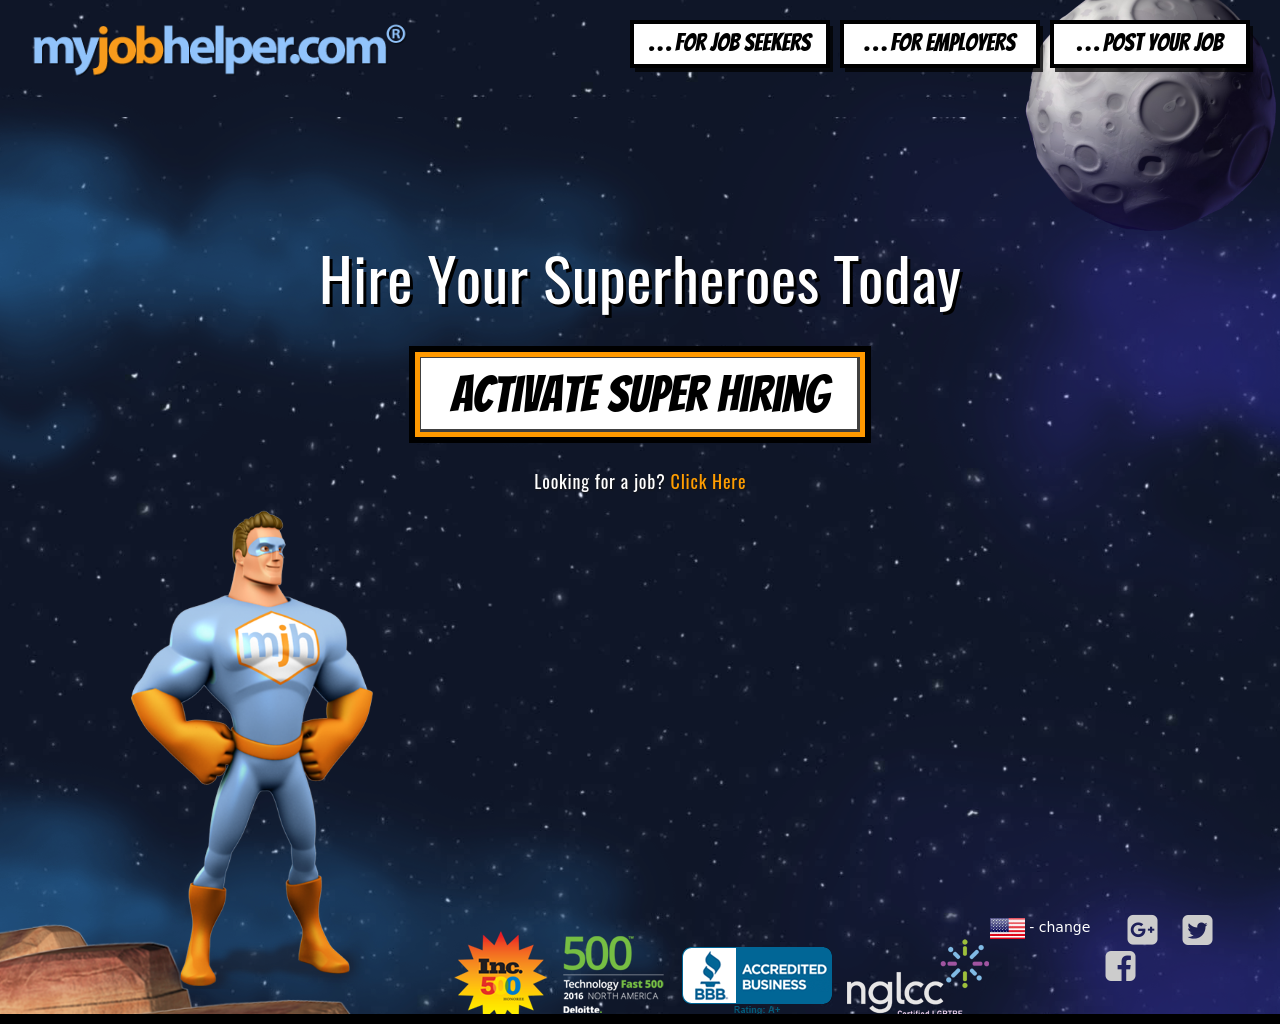 My-Job-Helper-Advertising-Reviews-Pricing